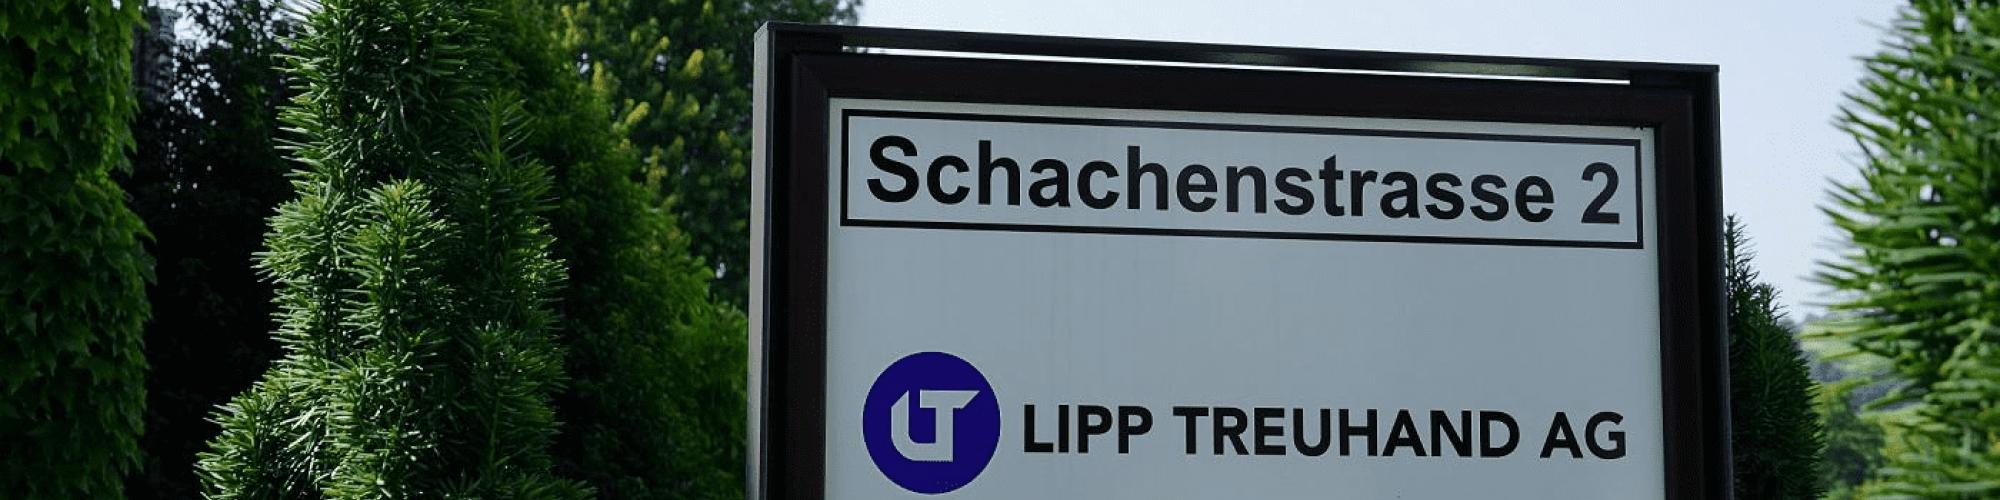 Lipp Treuhand AG